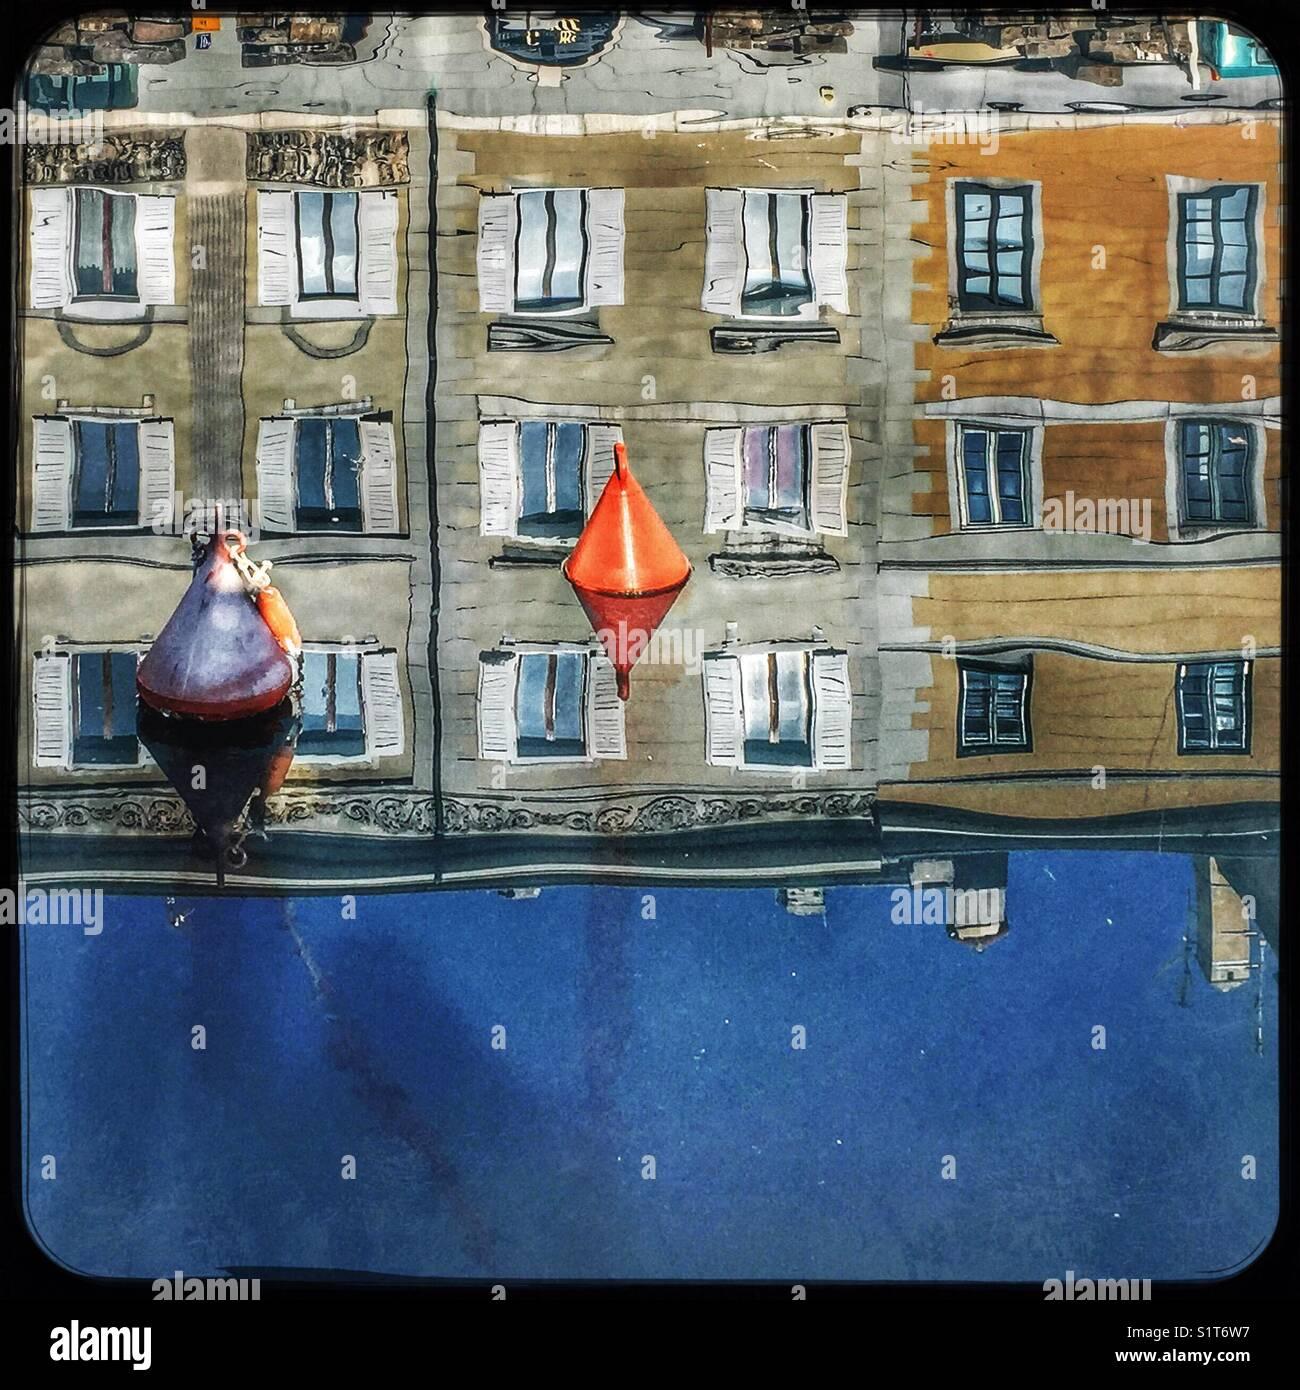 Reflexionen der Häuser im Wasser - Canal Grande, Triest, Italien Stockbild